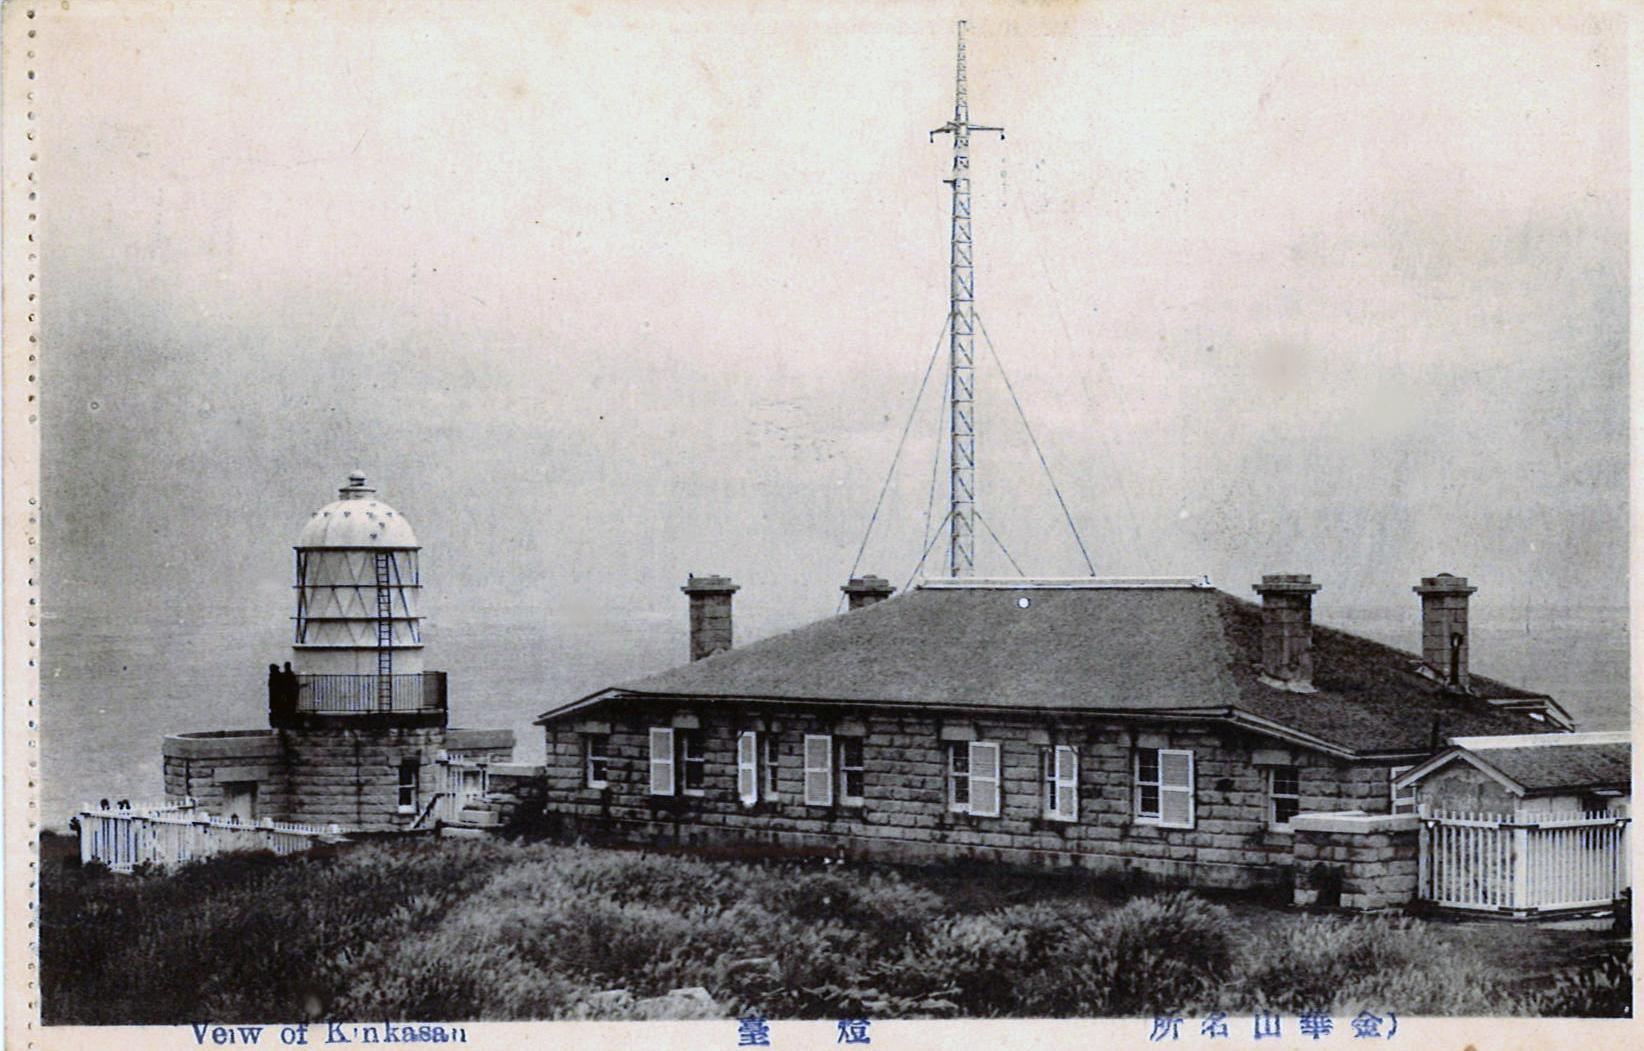 おめでとう金華山灯台 !  国の登録有形文化財に登録